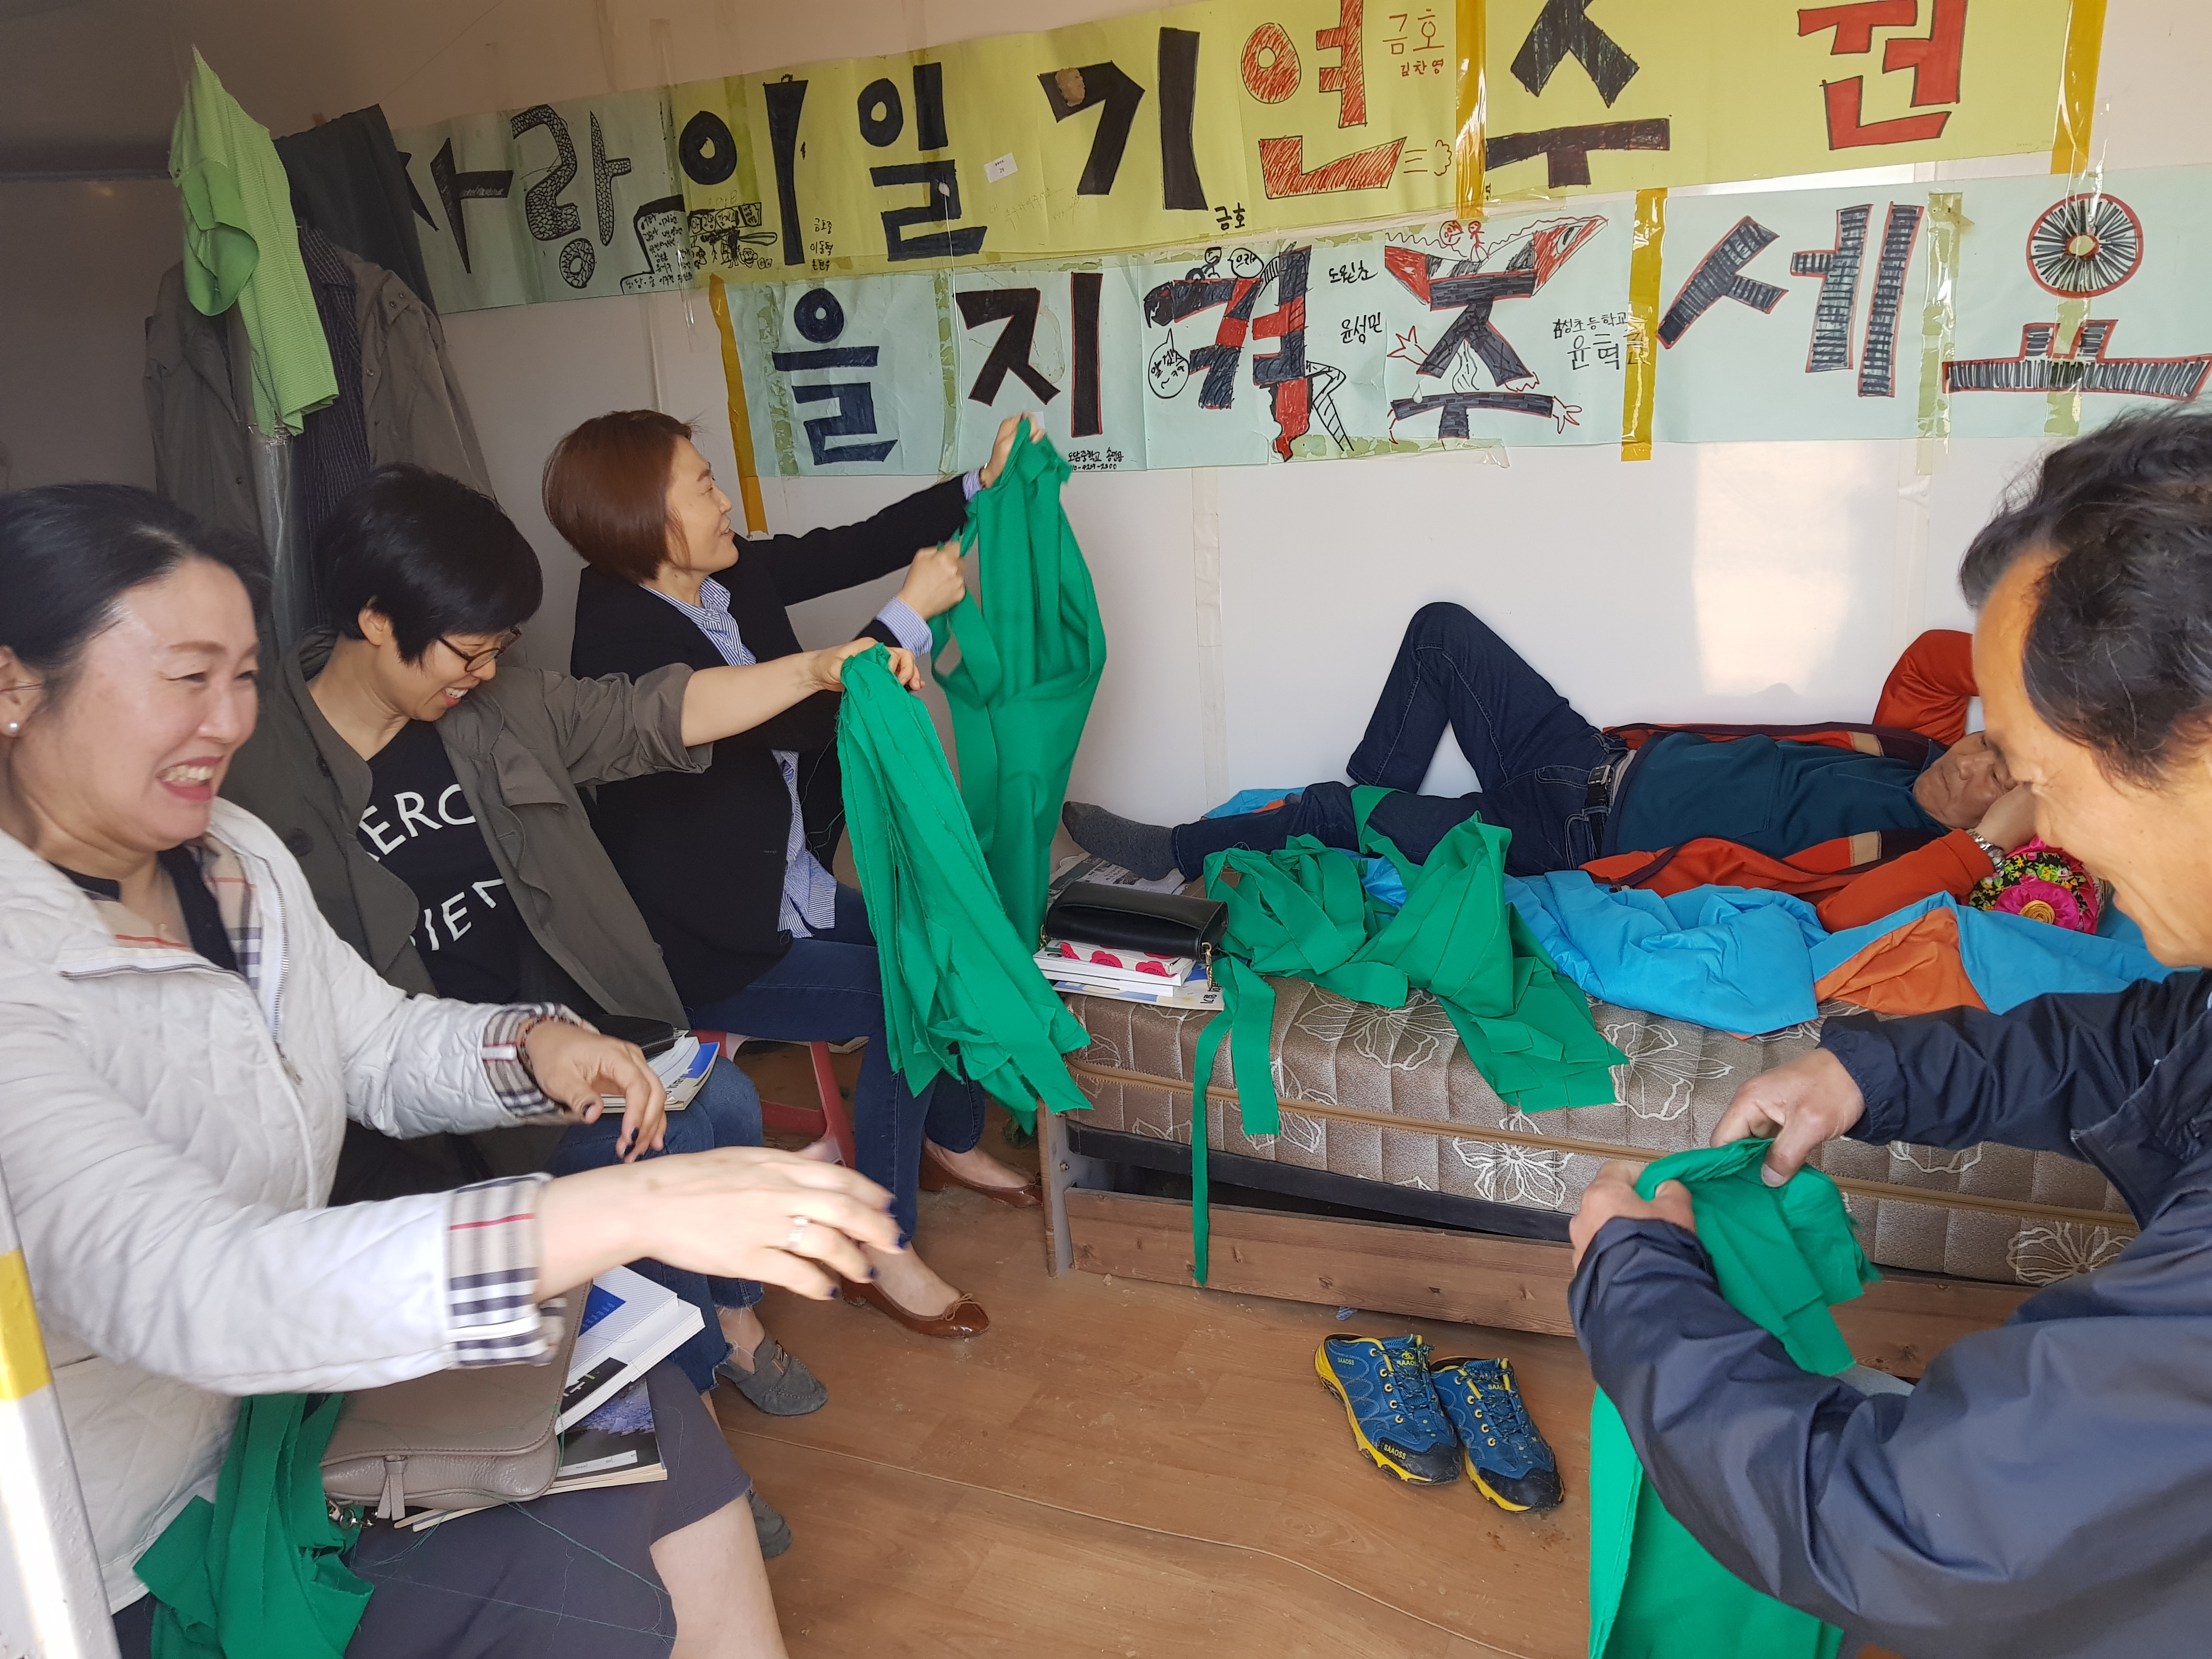 지난 19일 천광노 작가가 단식투쟁에 들어간 컨테이너에서 세종시 학부모들이 모여 '초록리본'걸기 준비에 한창이다.  서중권 기자